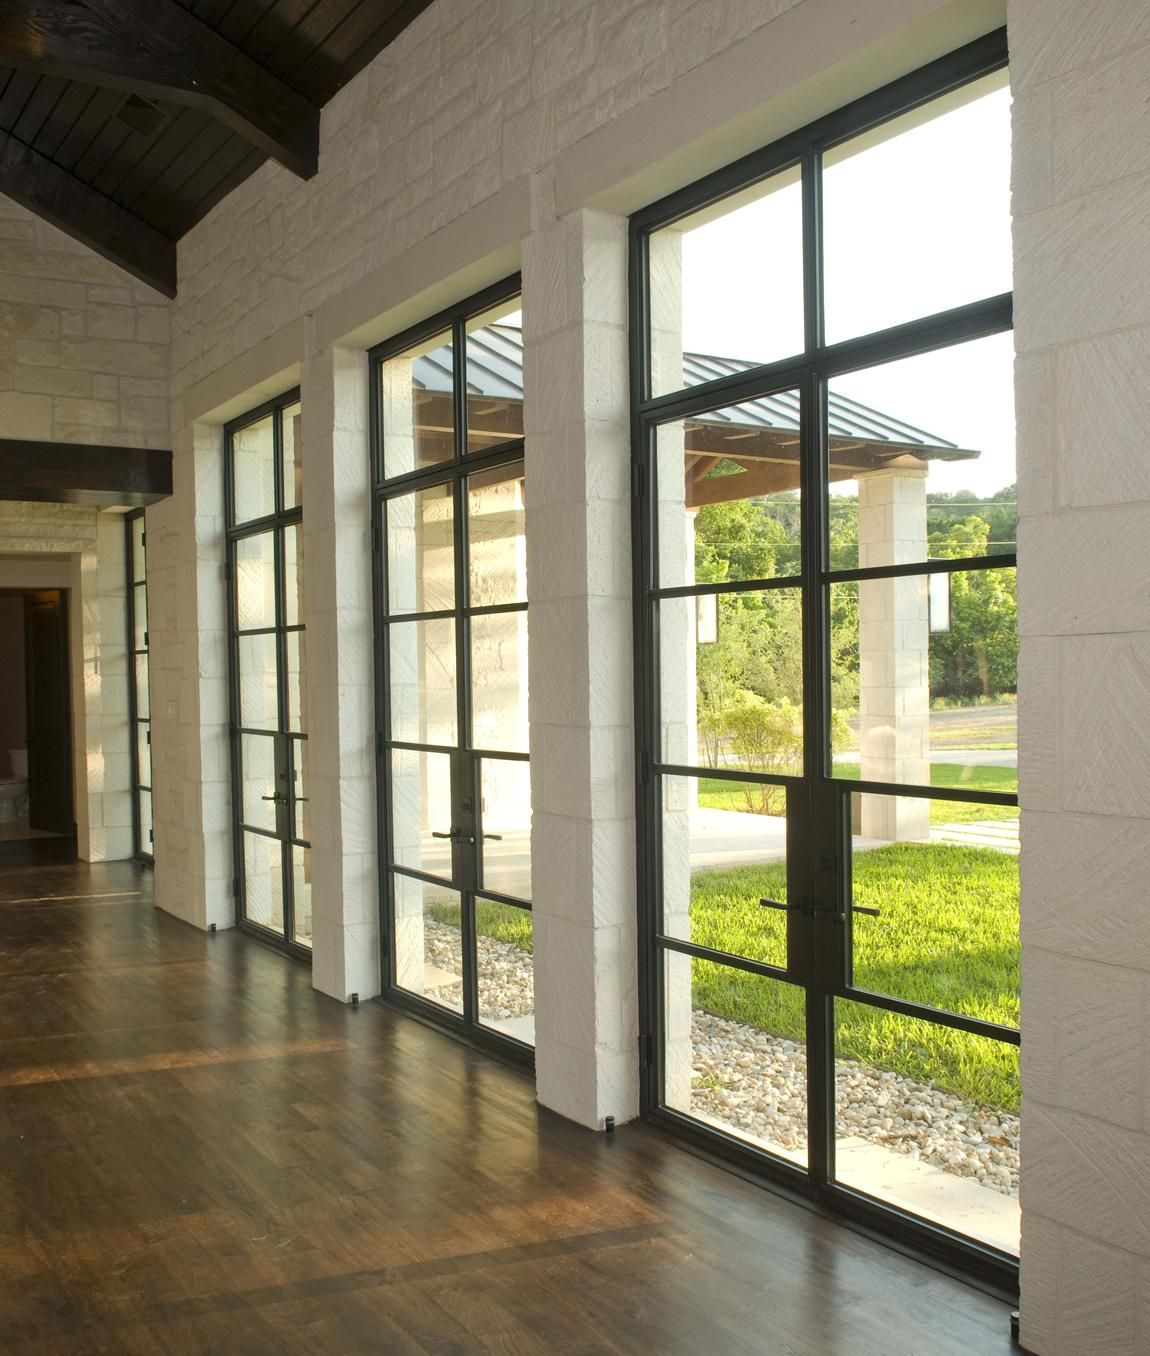 Fabulous Doors part of the Millennium Line | Durango Doors Suite 300 at The Houston Design & Fabulous Doors part of the Millennium Line | Durango Doors Suite ... pezcame.com